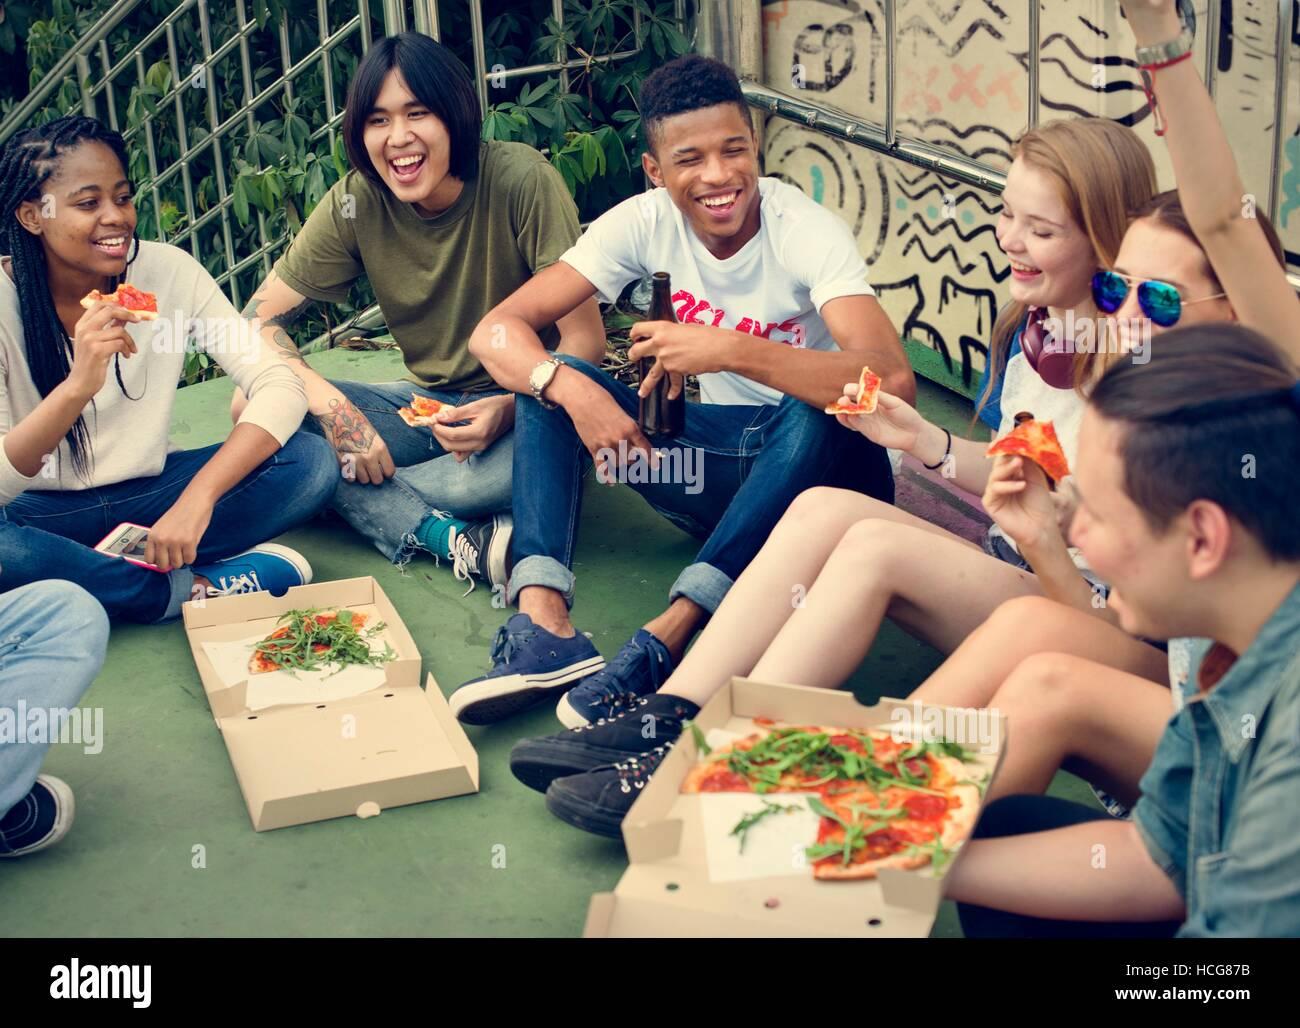 La gente cordiale amicizia mangiare la pizza La cultura giovanile Concept Immagini Stock